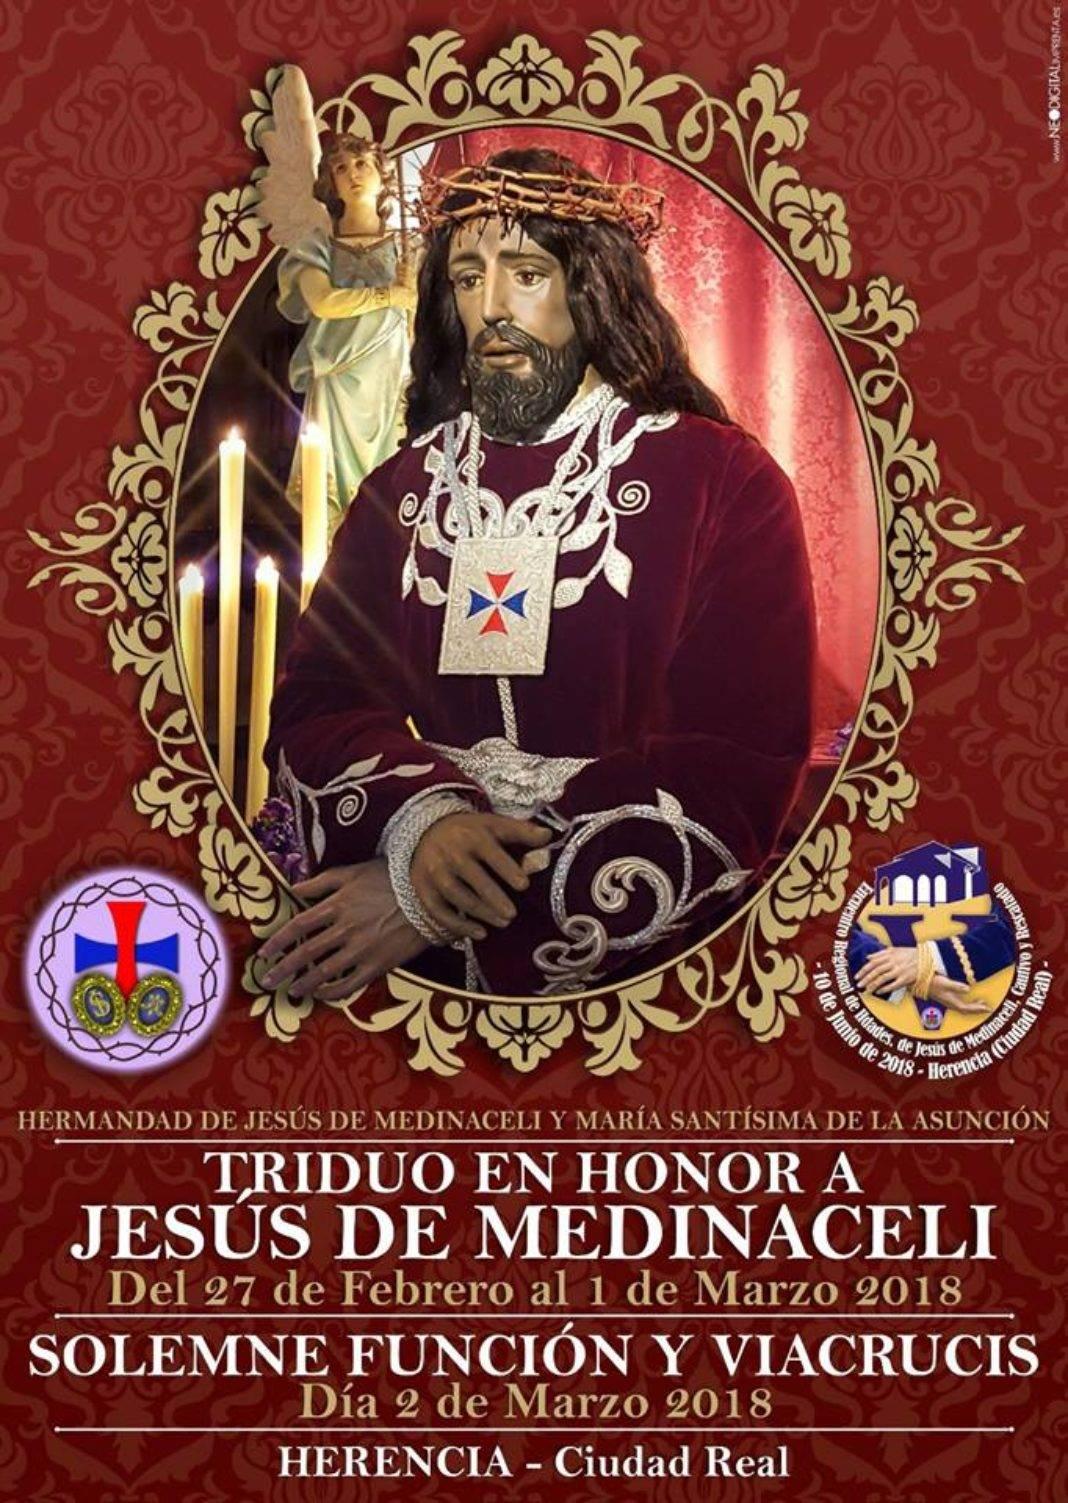 Triduo y Viacrucis en honor a Jesús de Medinaceli 4